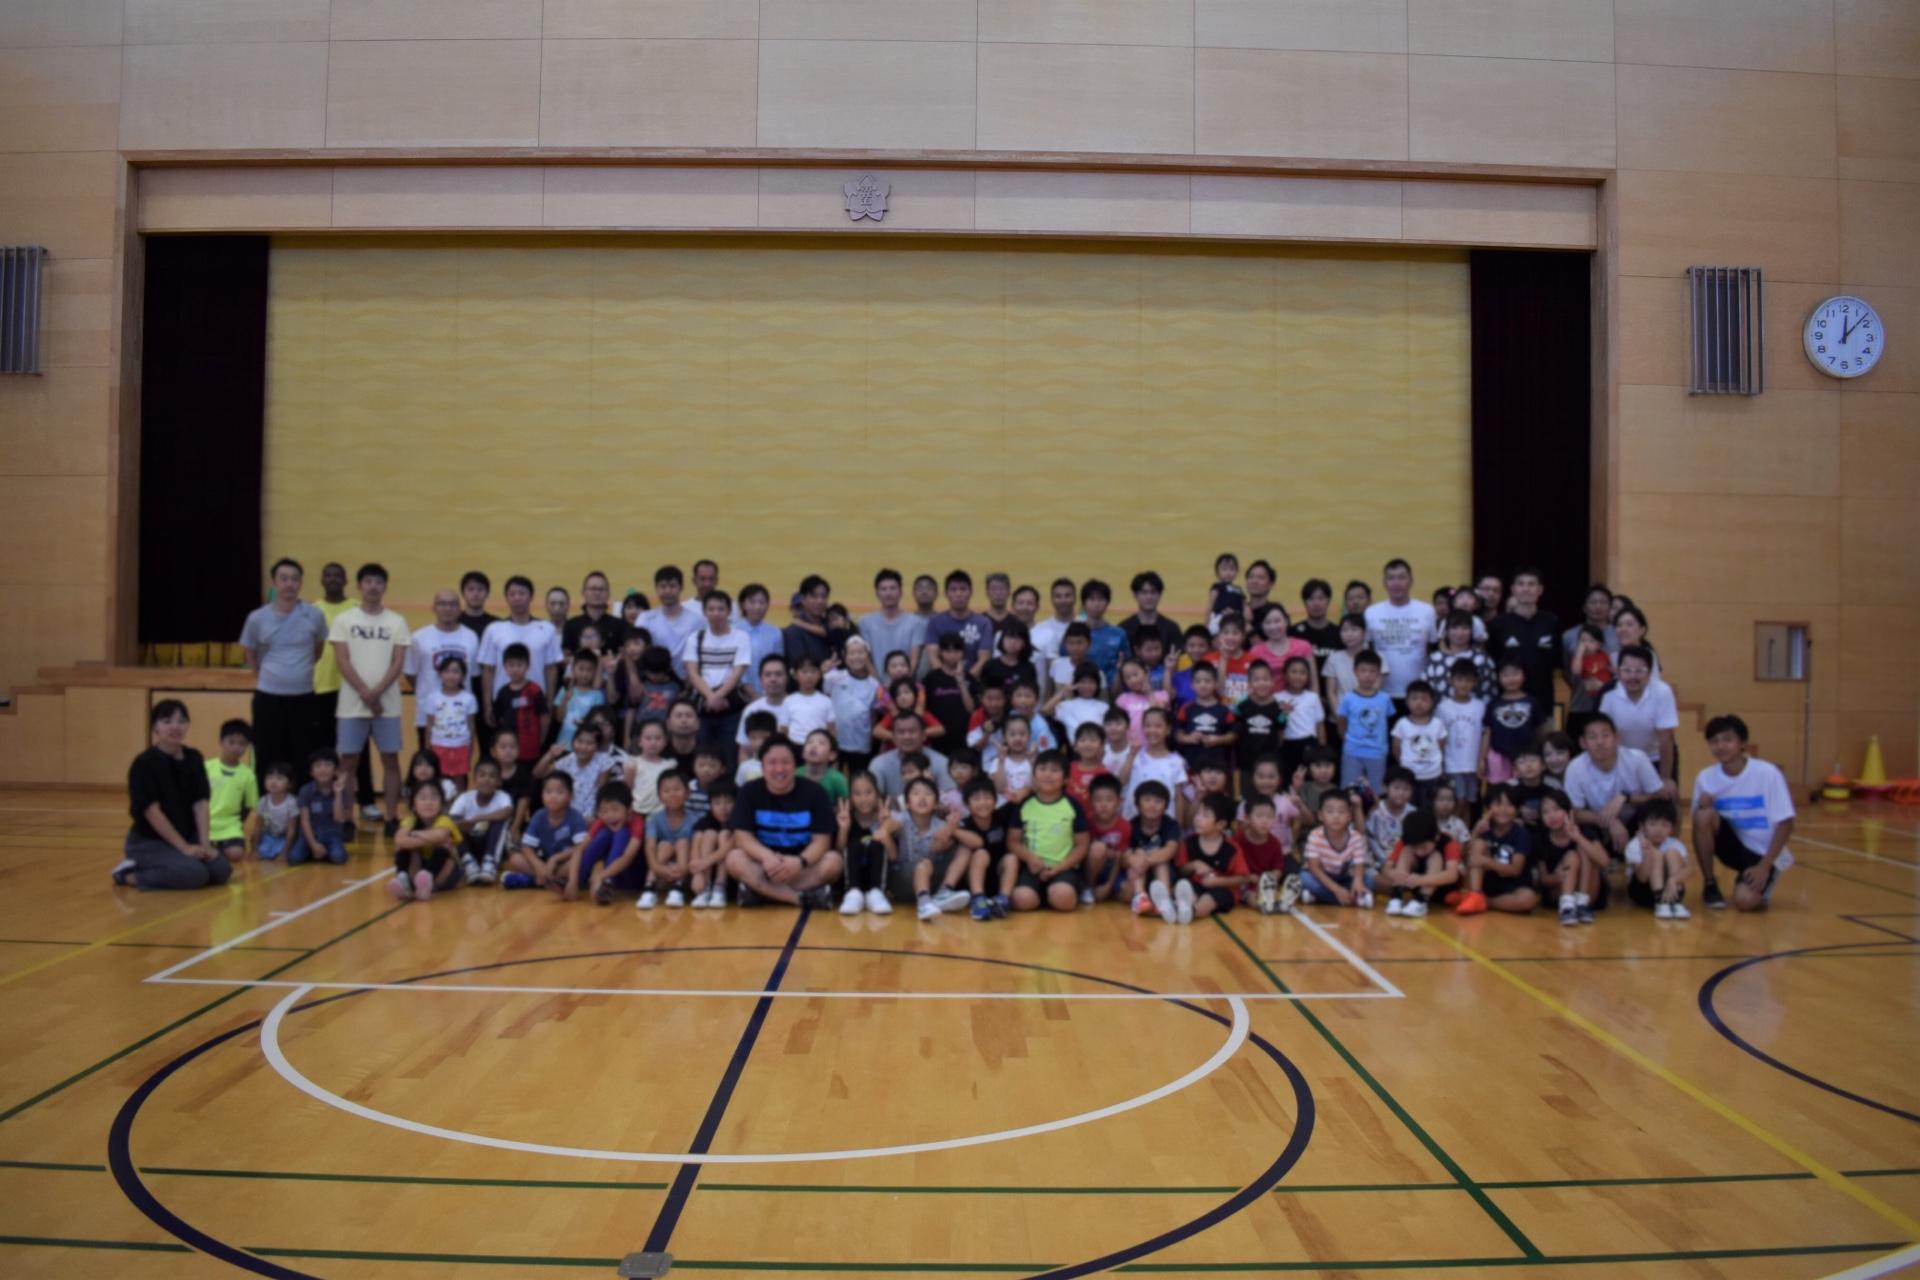 愛知県長久手市の市が洞小学校にて親子かけっこ教室を開催